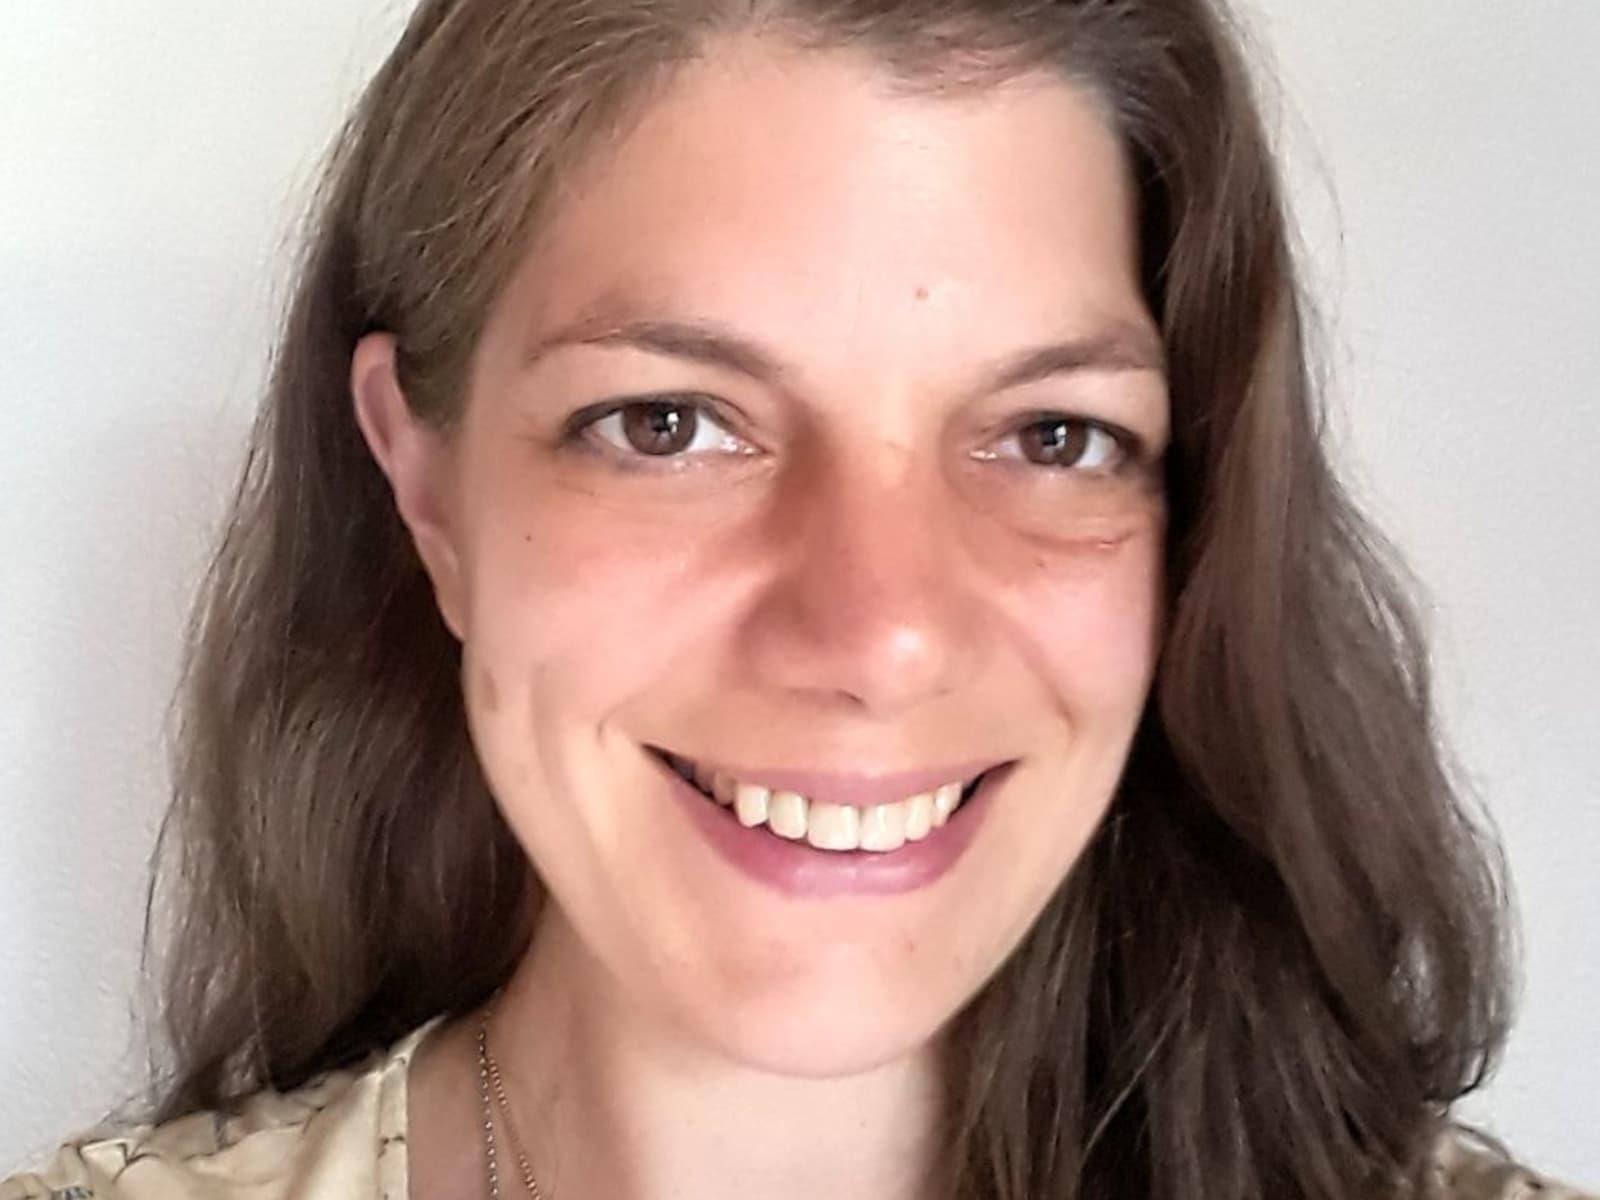 Sylvia from Haiger, Germany